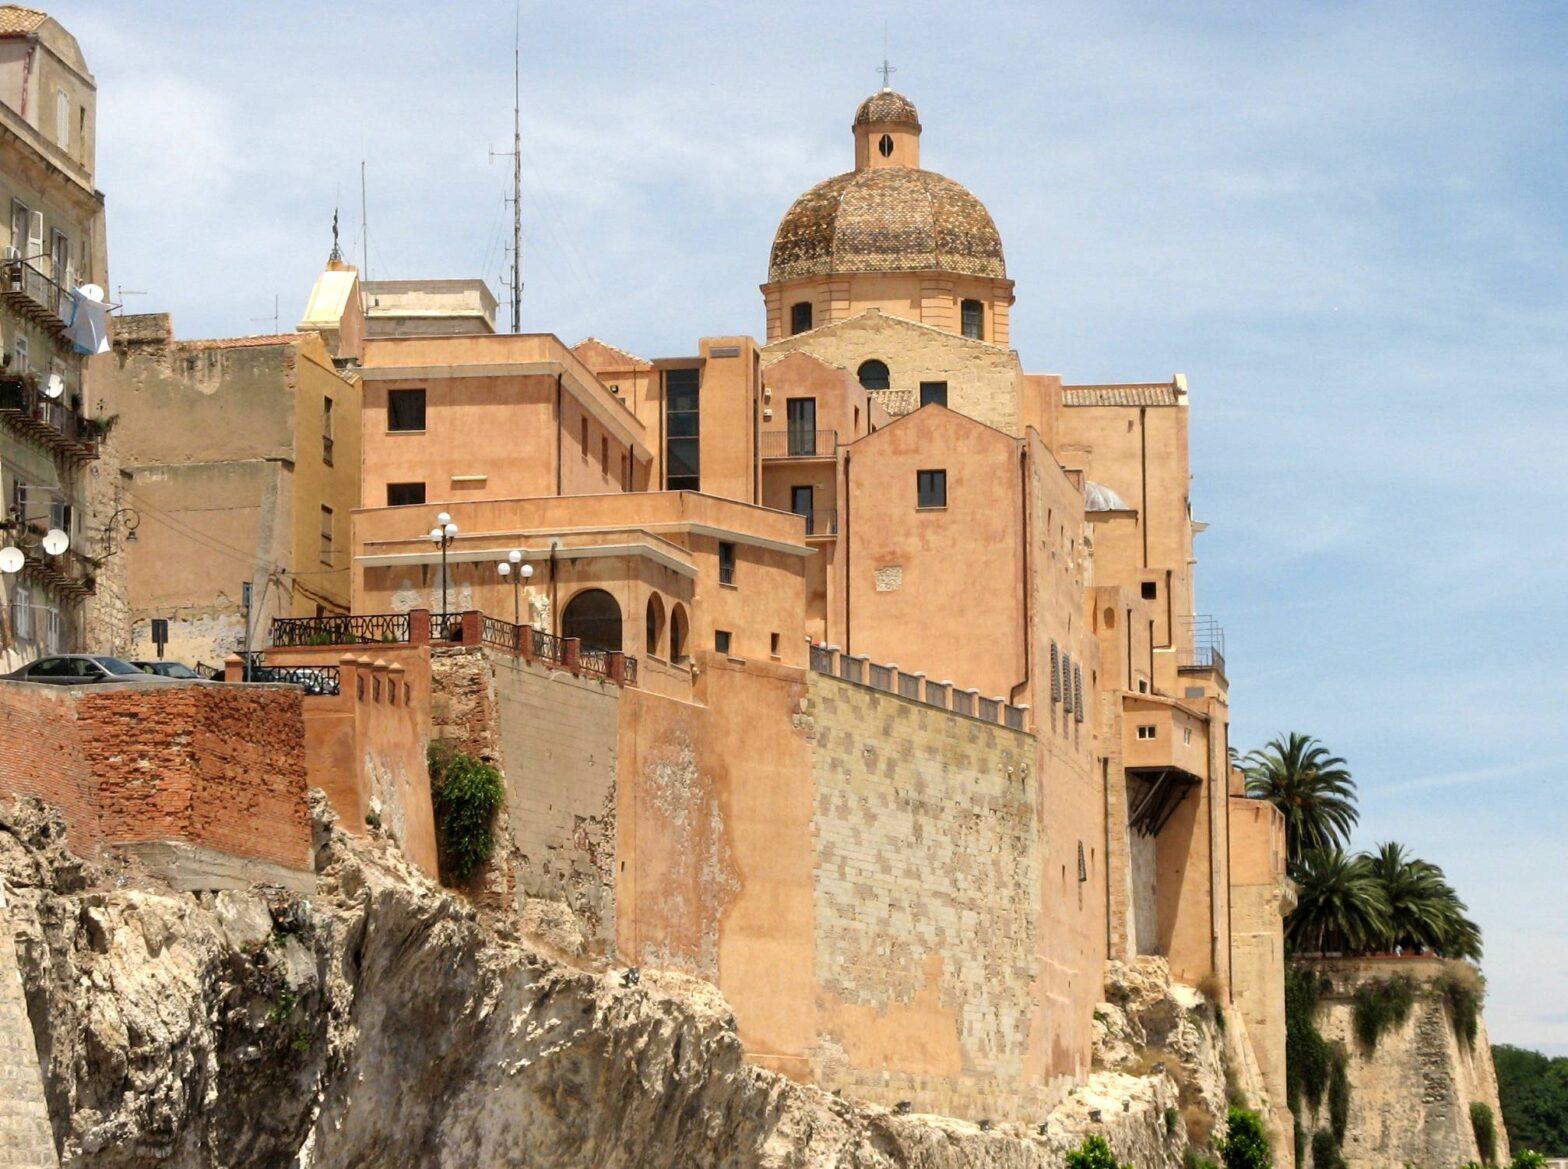 Cathedral of Cagliari Sardinia | historic tour of cagliari